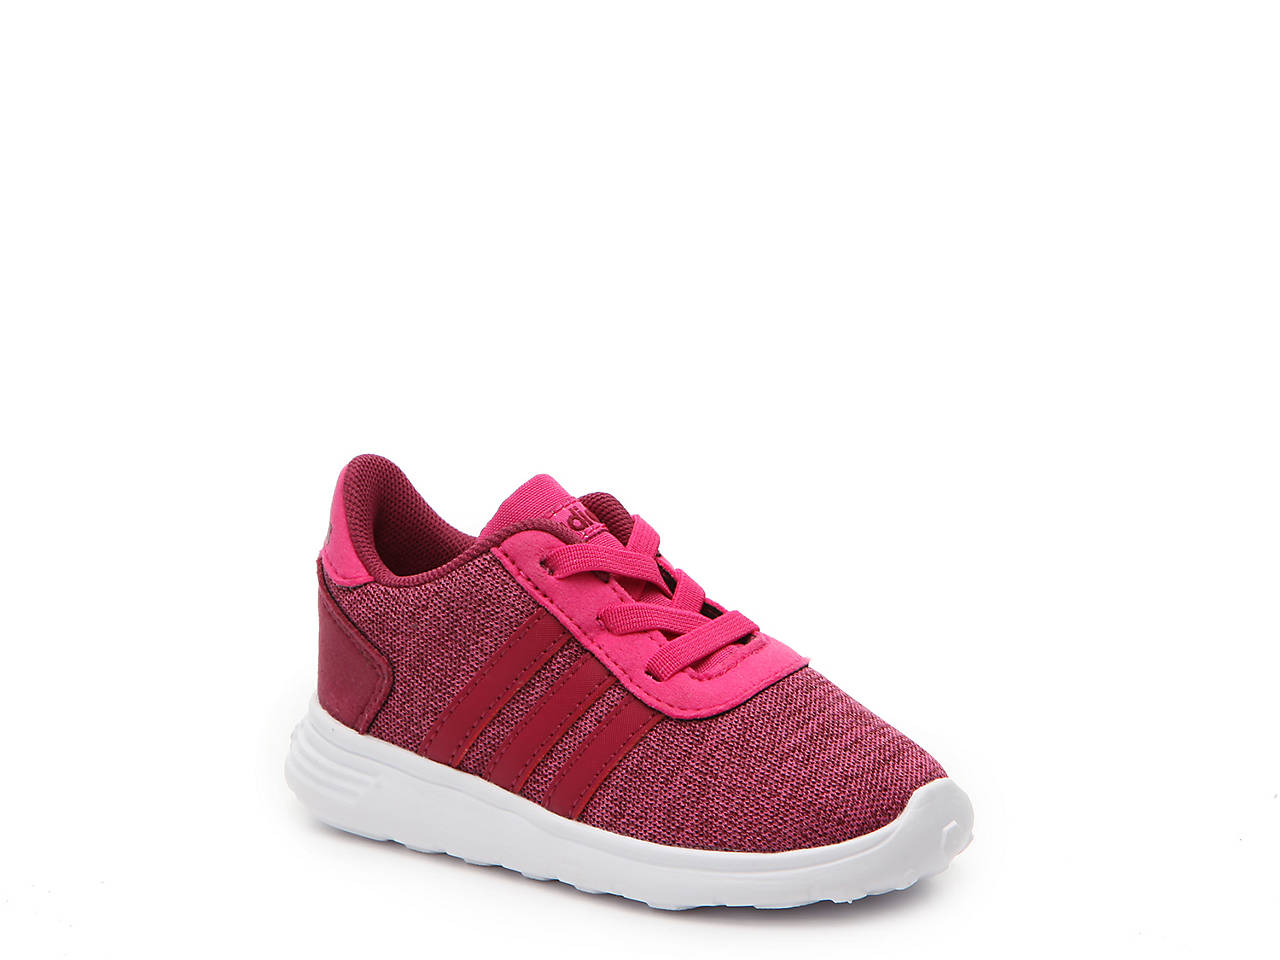 528479b3af9 adidas Lite Racer Infant & Toddler Sneaker Kids Shoes | DSW